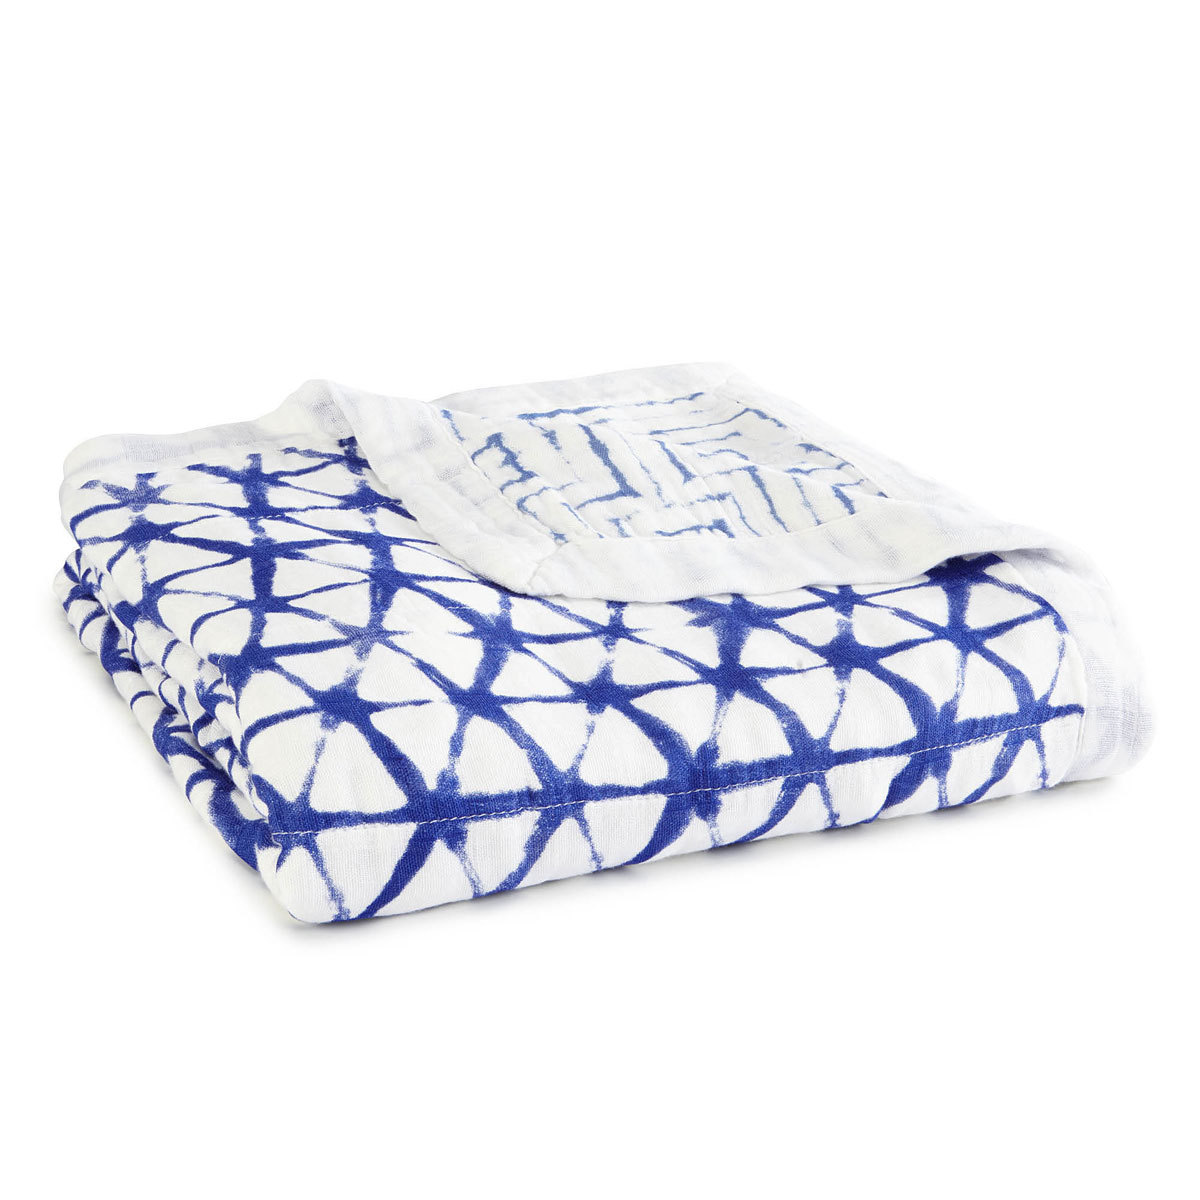 Linge de lit Couverture de Rêve Silky Soft - Indigo Shibori Couverture de Rêve Silky Soft - Indigo Shibori